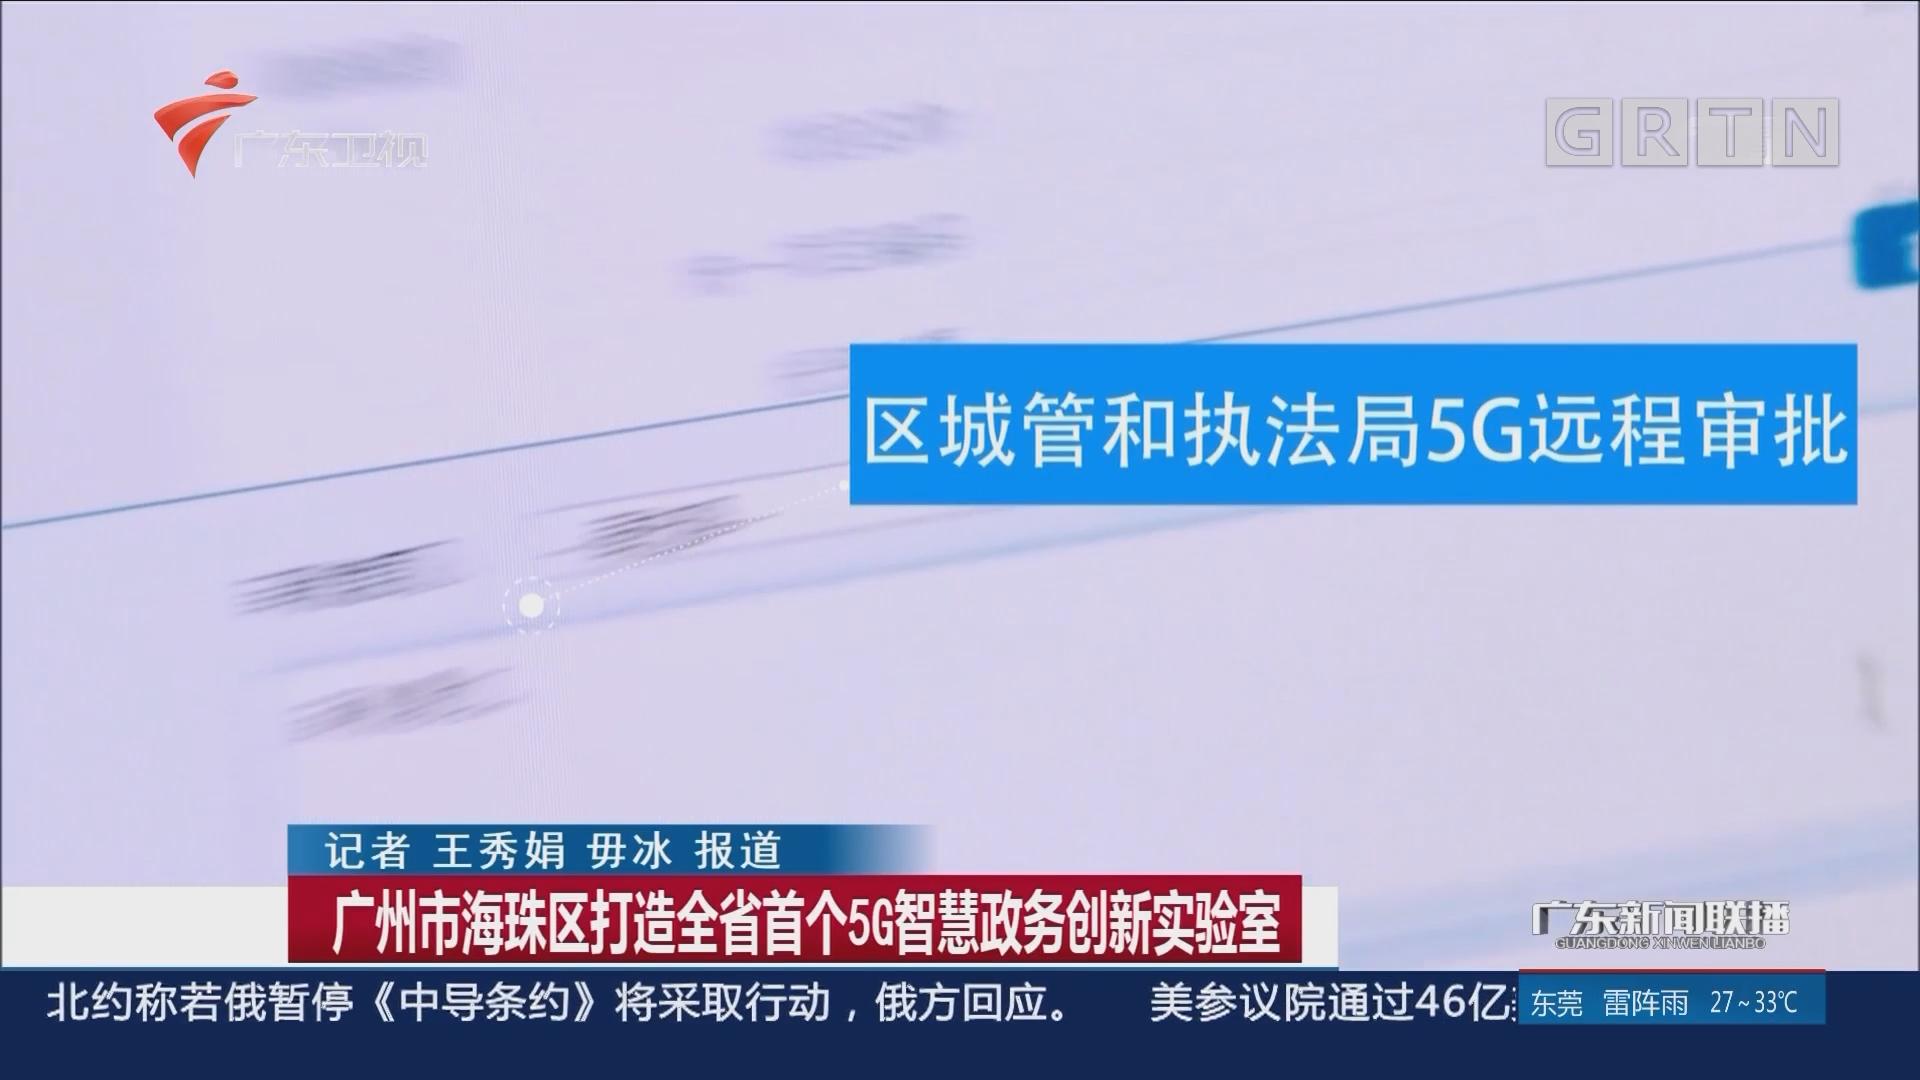 广州市海珠区打造全省首个5G智慧政务创新实验室